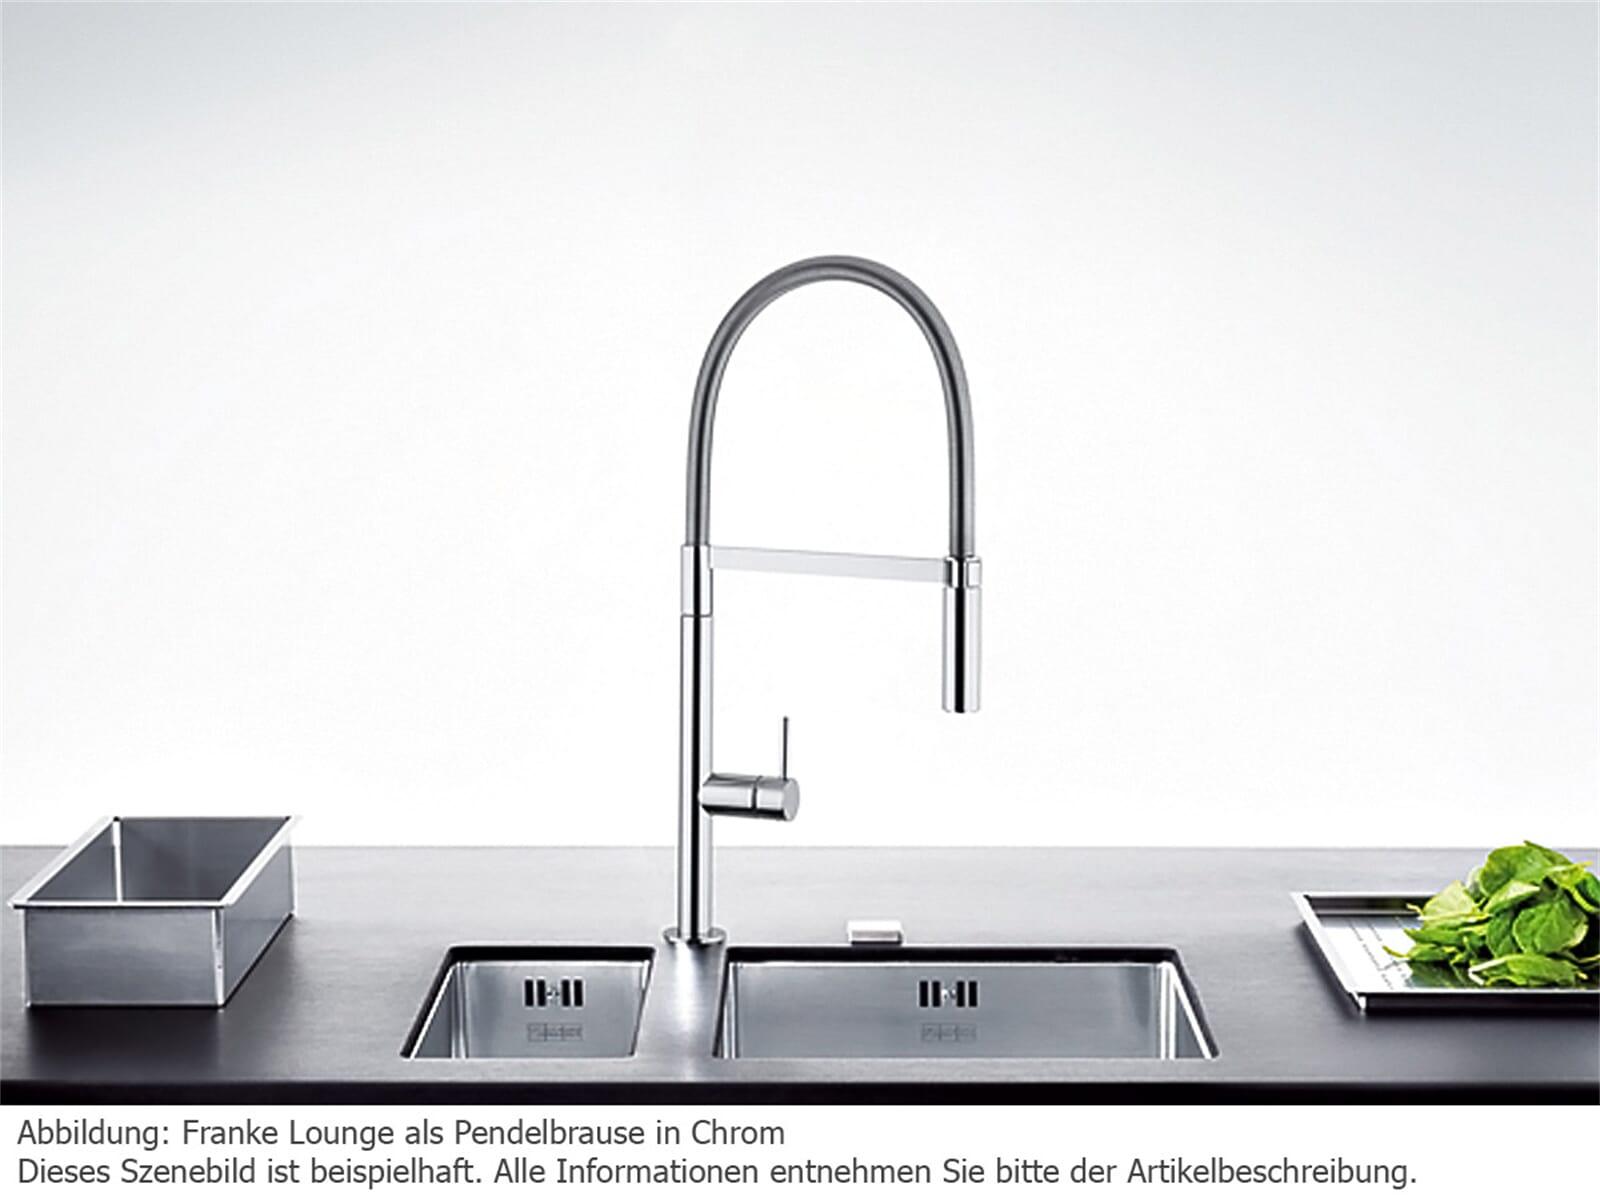 franke lounge edelstahl optik hochdruck armatur f r 248 90. Black Bedroom Furniture Sets. Home Design Ideas